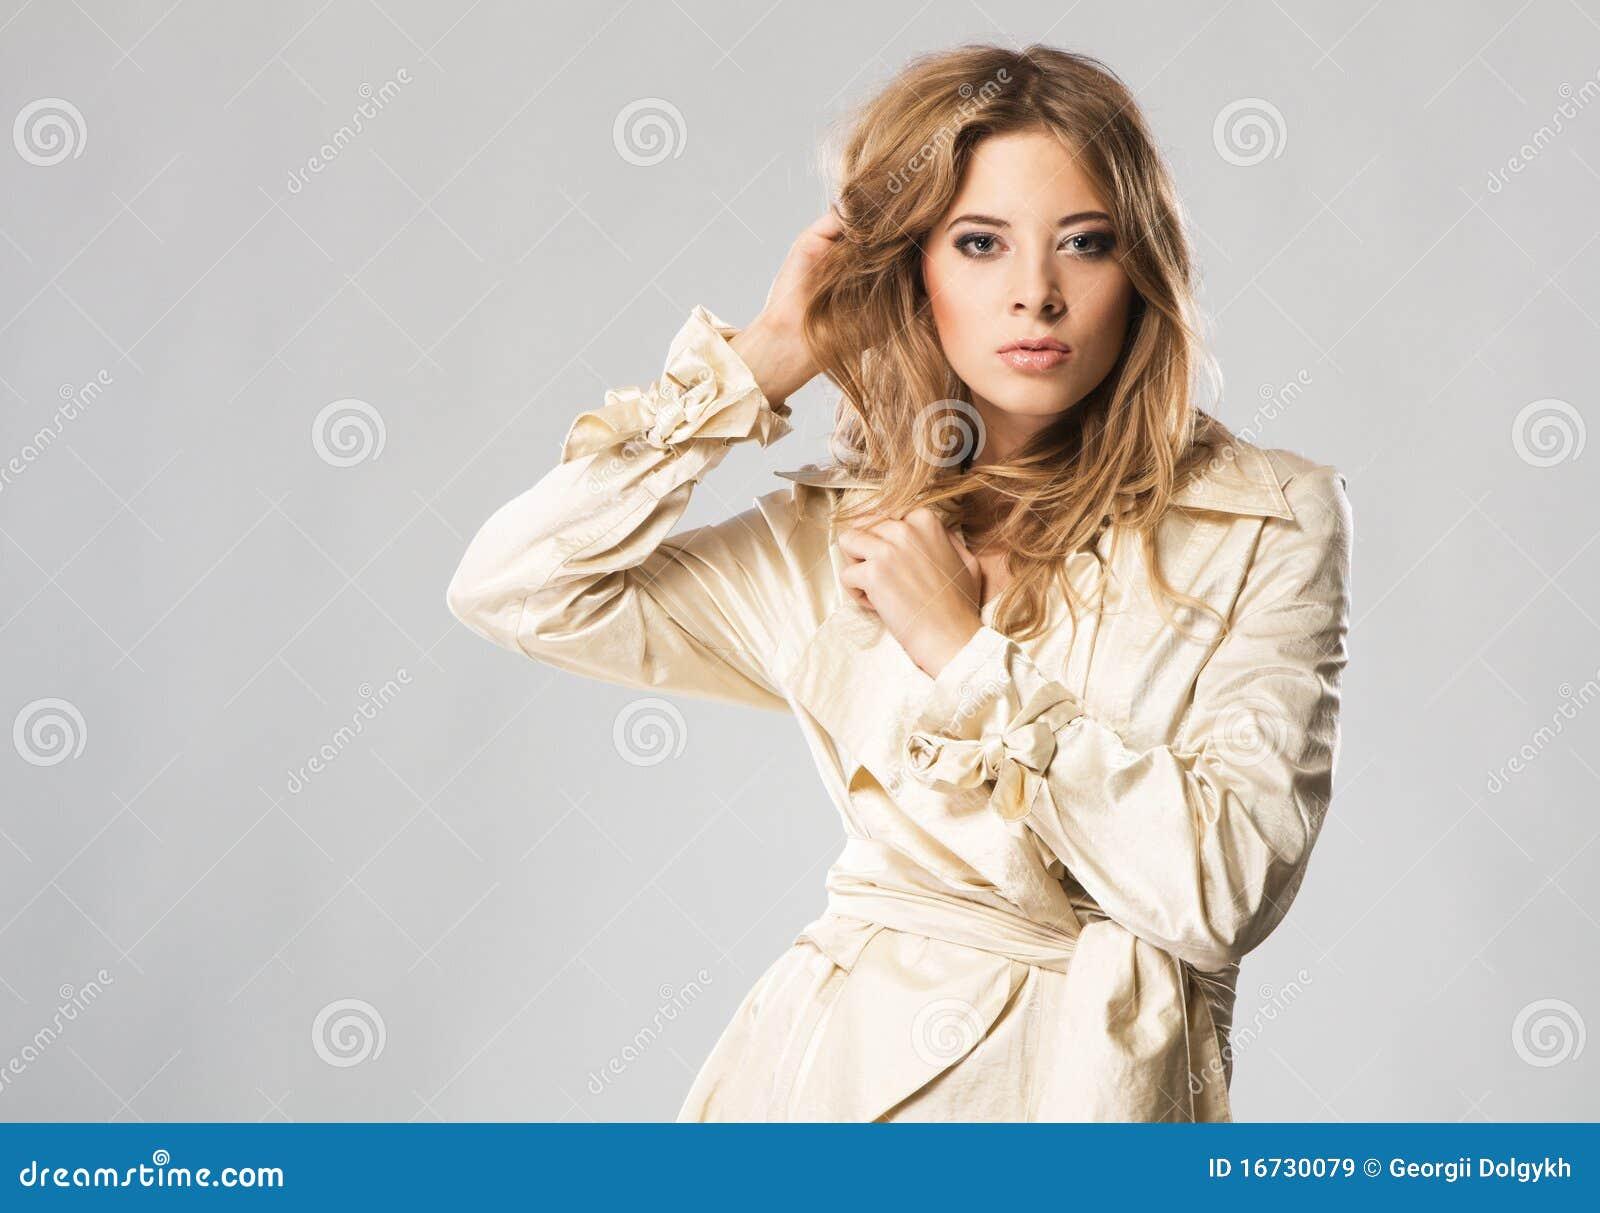 Beautiful fashion model in beige coat